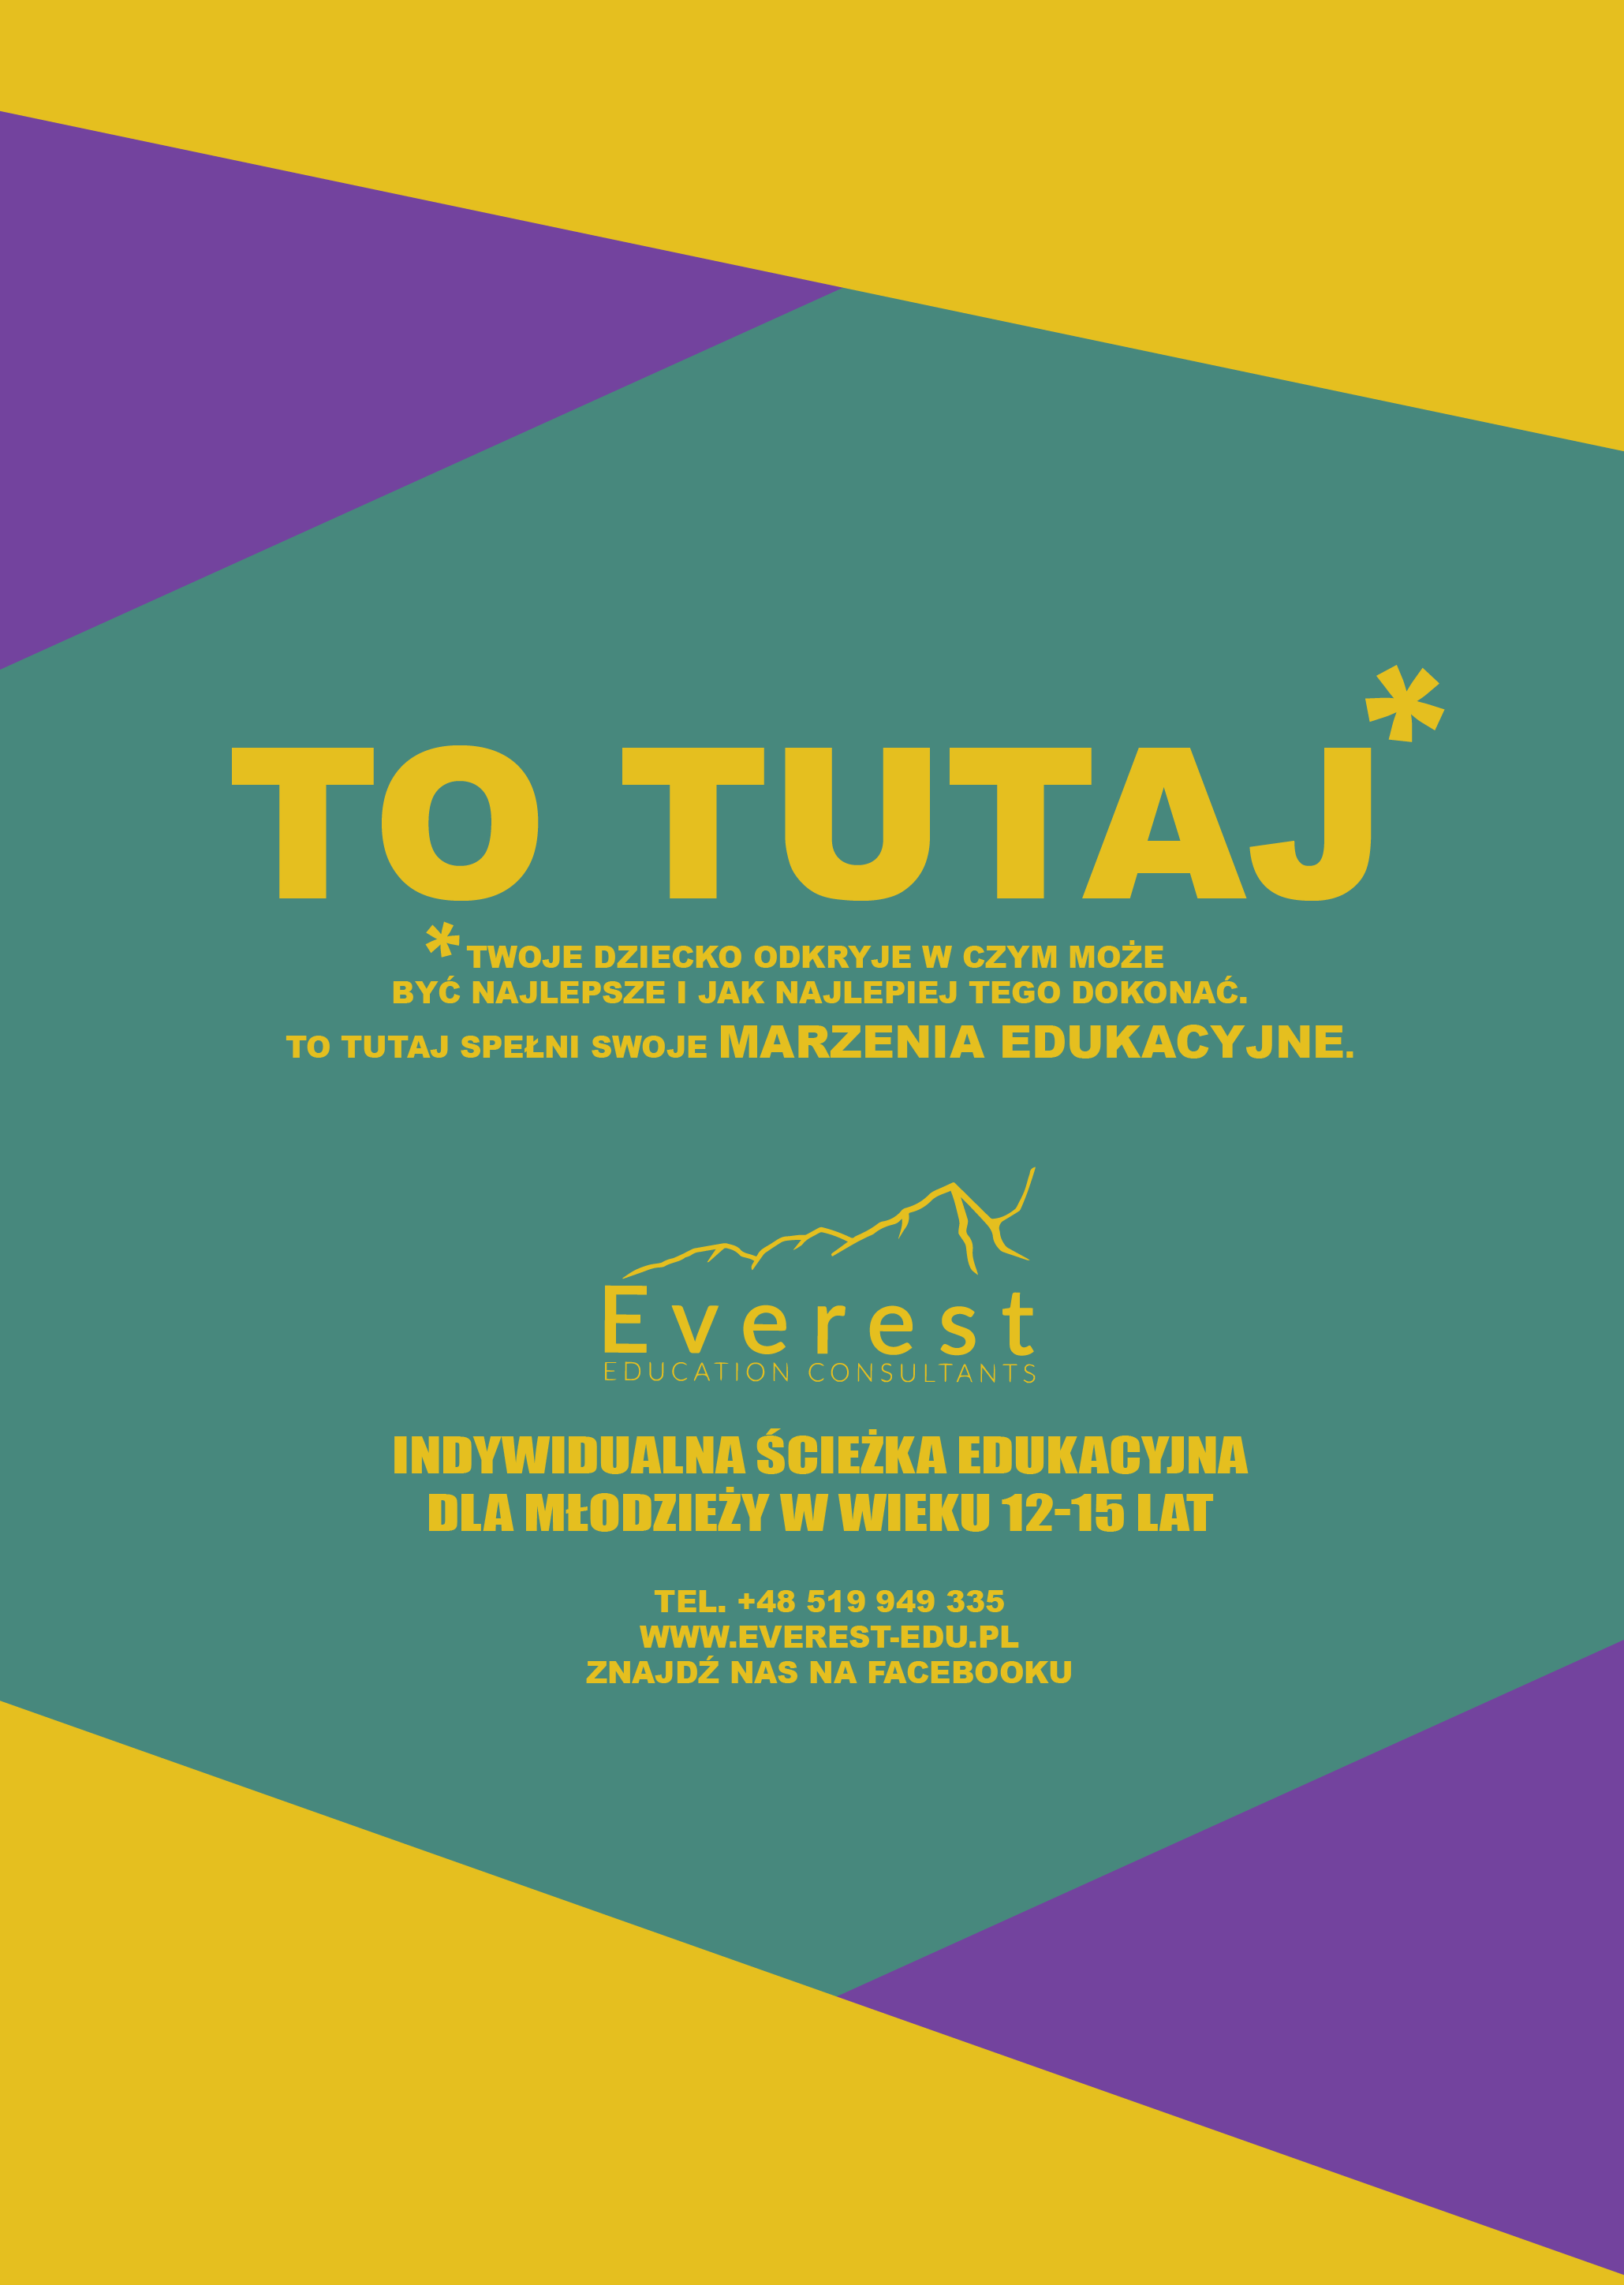 Program Everest - Indywidualna Ścieżka Edukacyjna dla Nastolatków